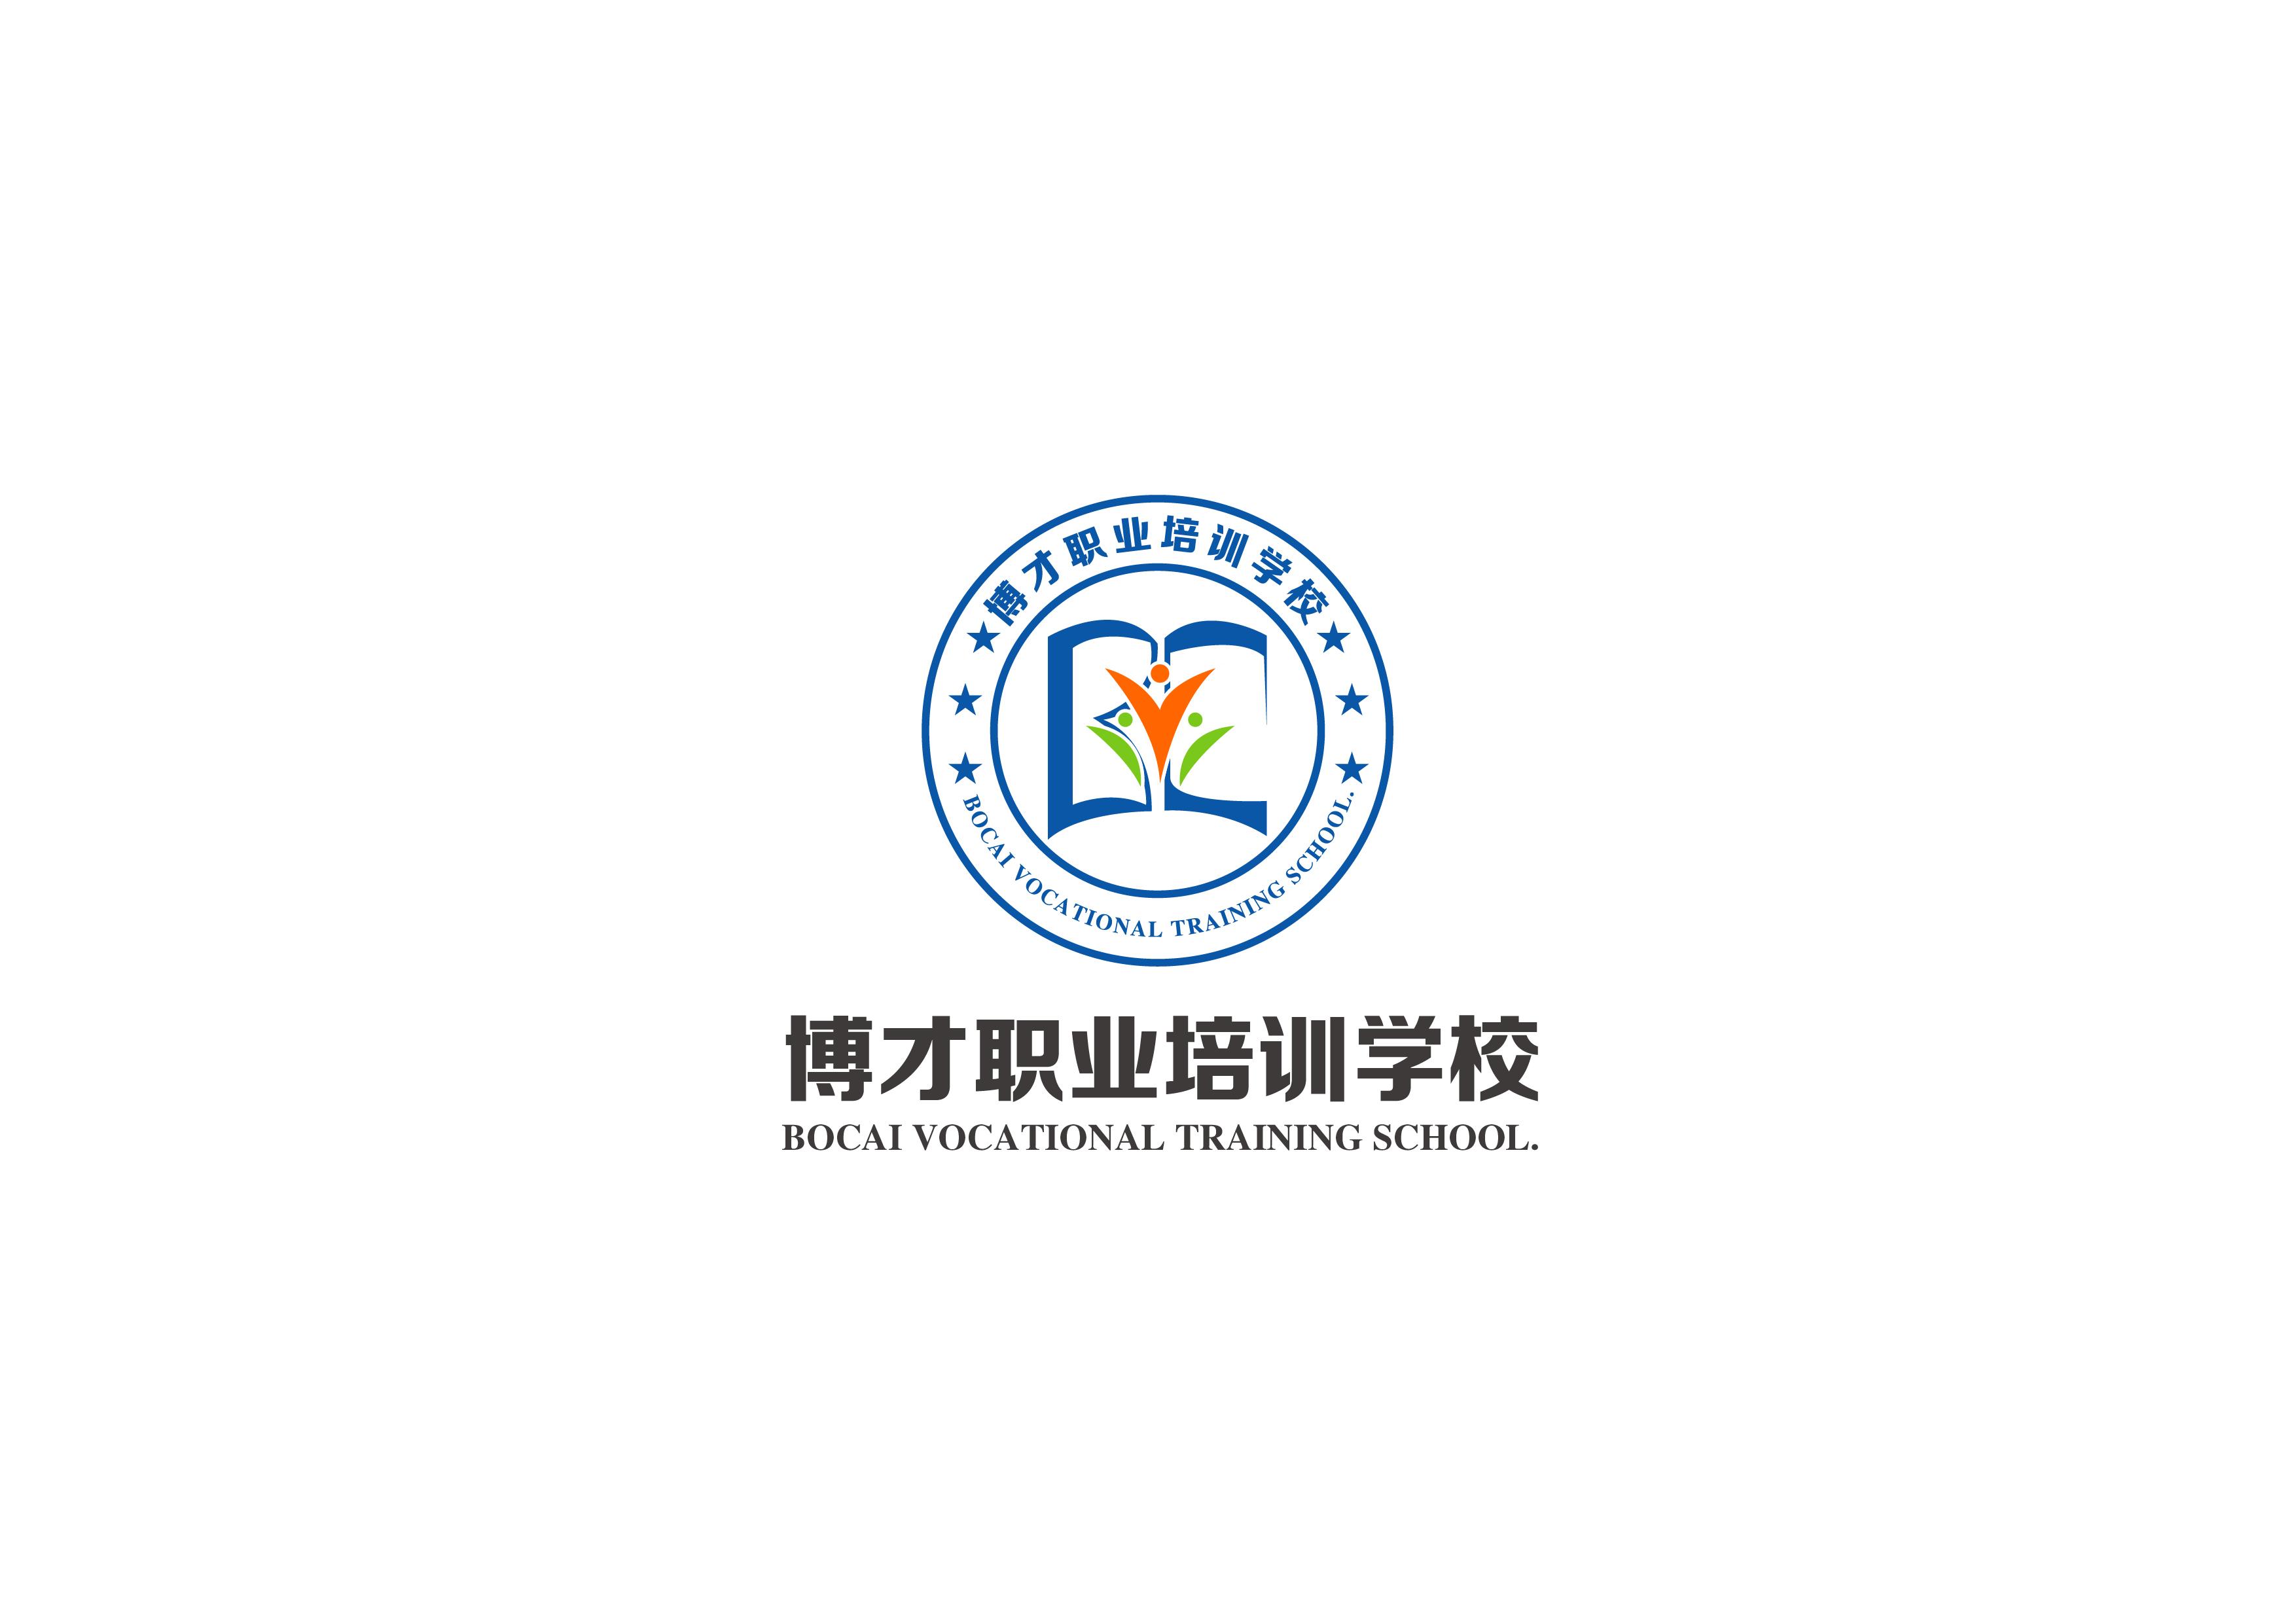 新疆生产建设兵团博才职业培训学